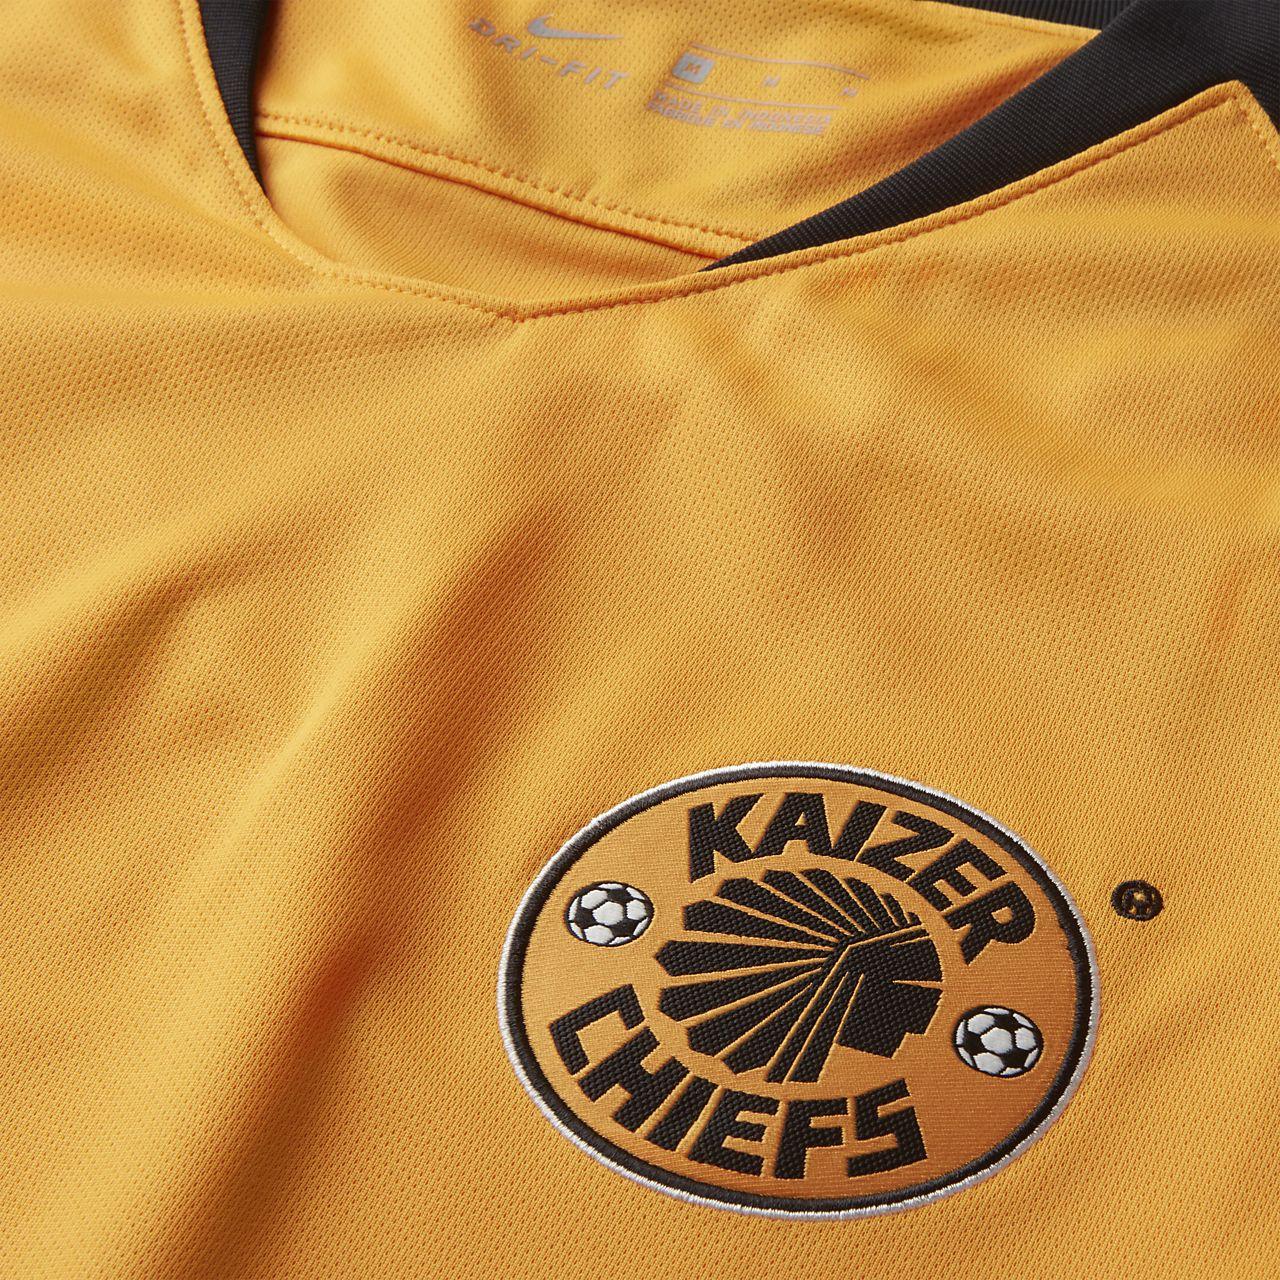 c8c4994a8 2018 19 Kaizer Chiefs FC Stadium Home Men s Football Shirt. Nike.com CA